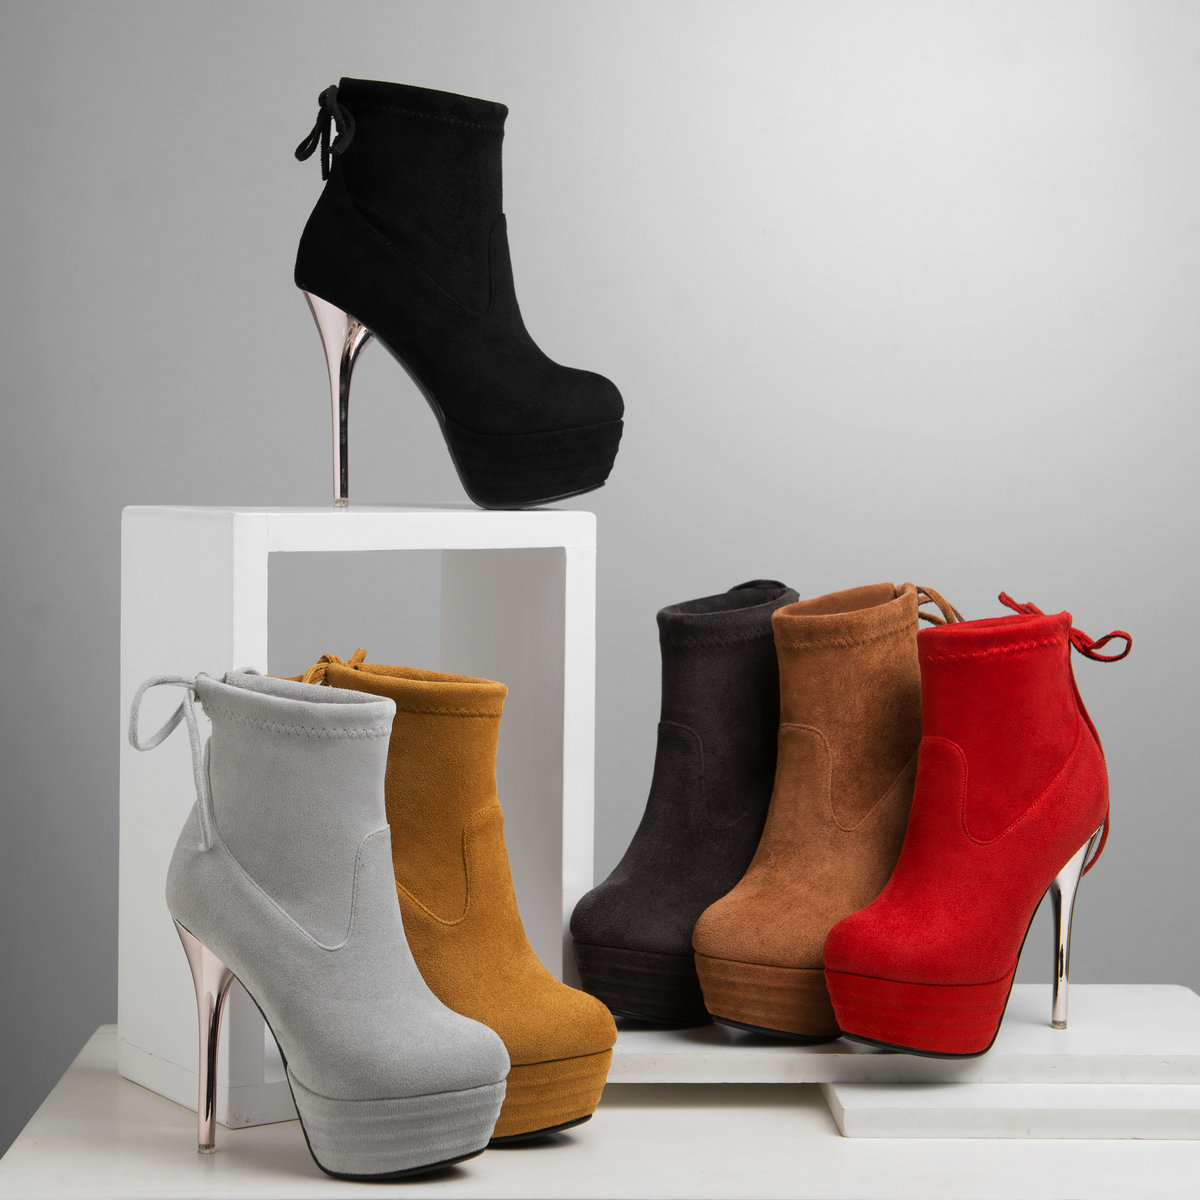 Qualité Court Stiletto La Marque ardoisé Femmes Chaussures Assurance Noir gris À marron Bottes Qzyerai 2018Nouveau rouge jaune De Mode u1FK3T5clJ